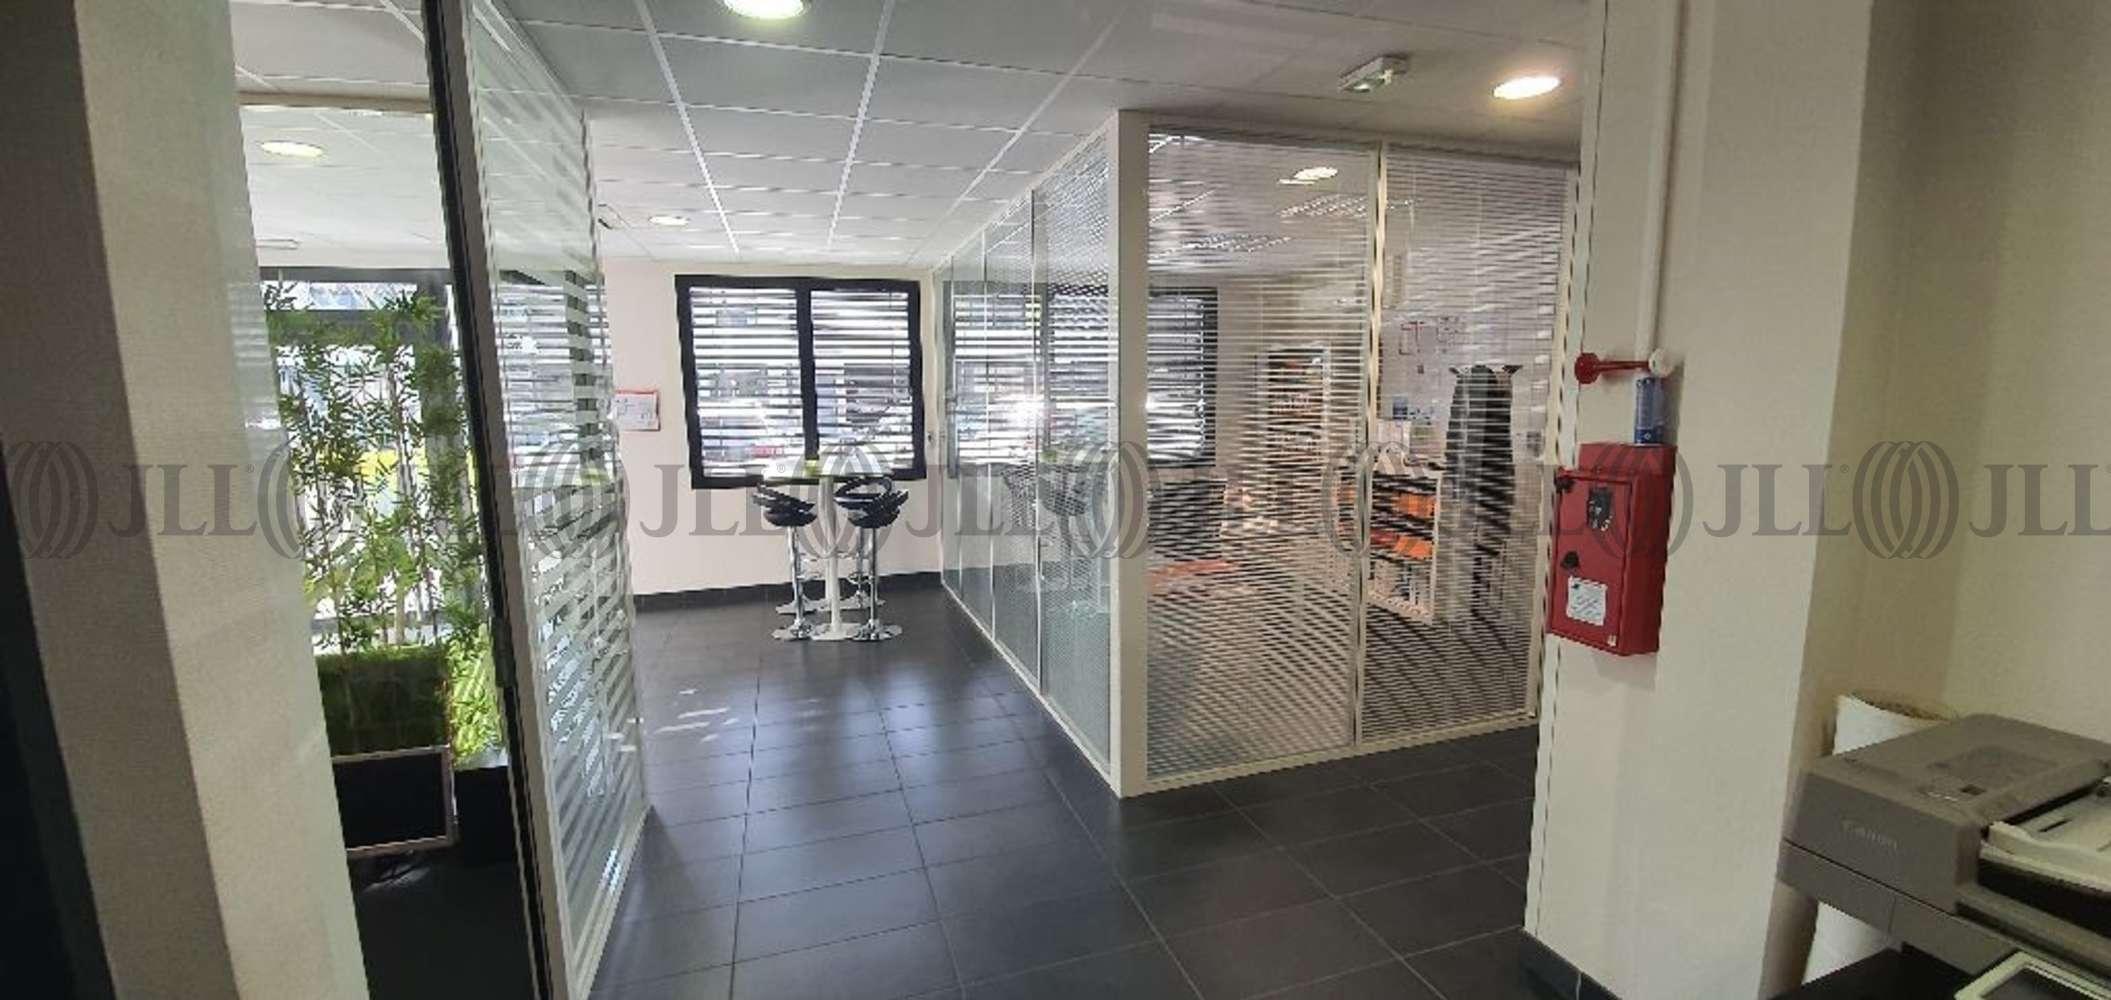 Activités/entrepôt Vaulx en velin, 69120 - Location entrepot Vaulx-en-Velin - Rhône - 10928901